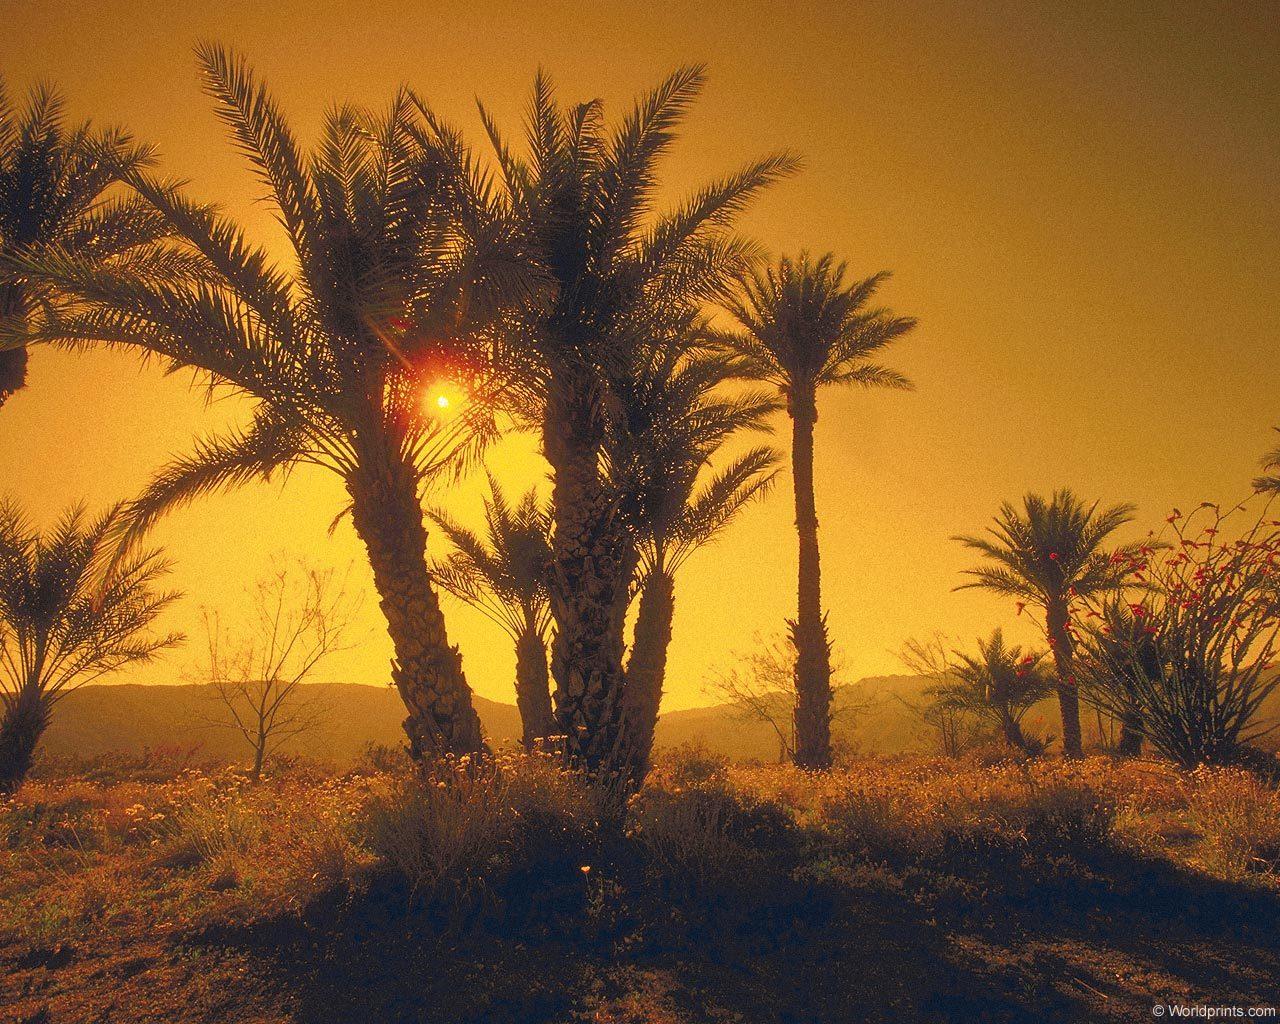 11473 скачать обои Пейзаж, Деревья, Закат, Солнце, Пальмы - заставки и картинки бесплатно